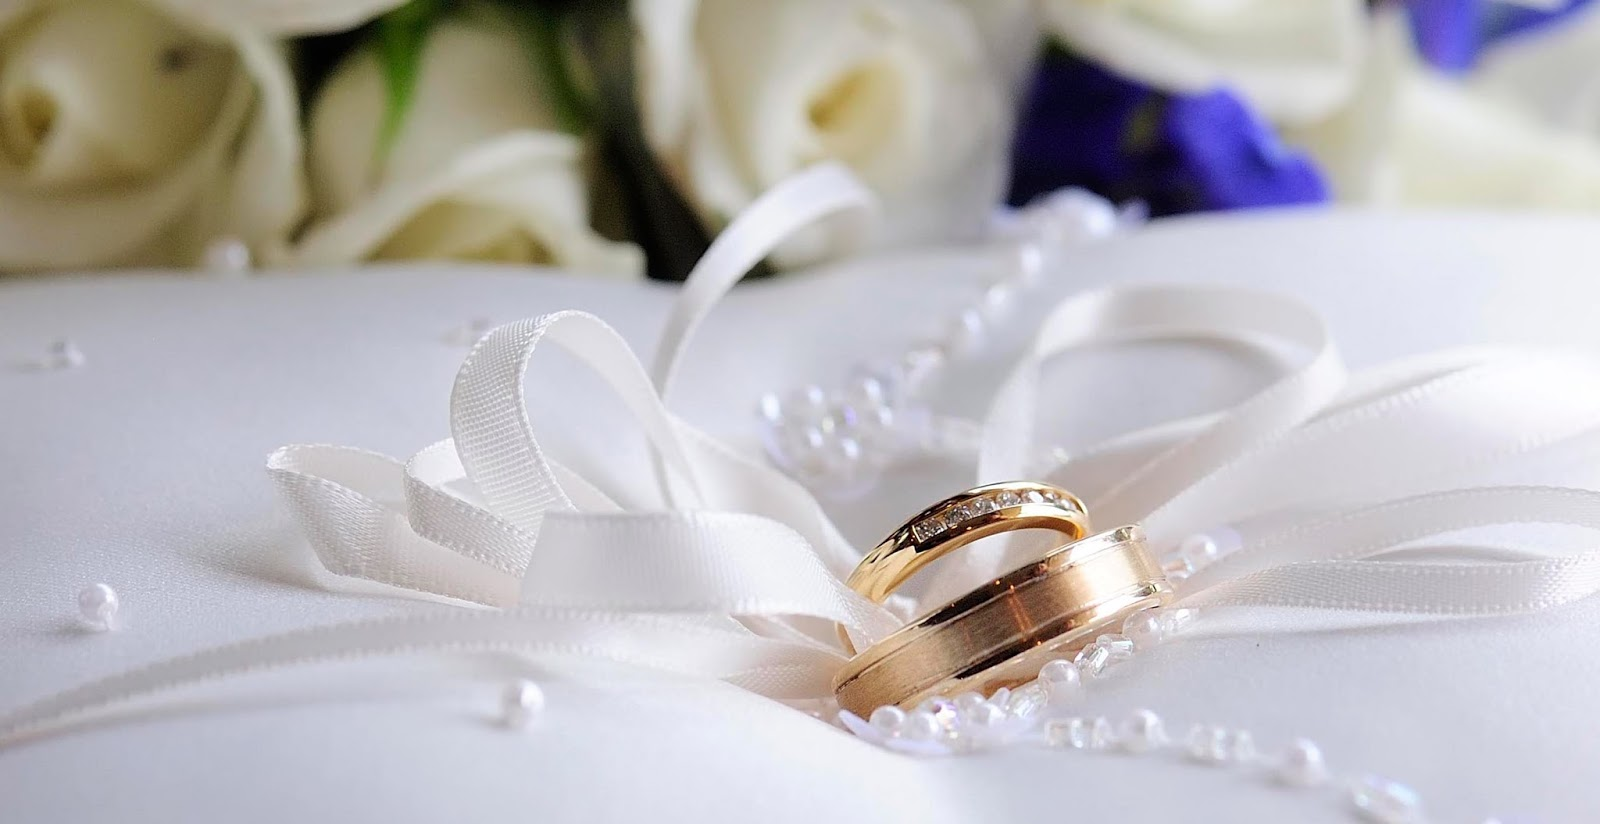 بالصور حلمت اني تزوجت وانا عزباء , تفسير حلم الزواج 1165 1